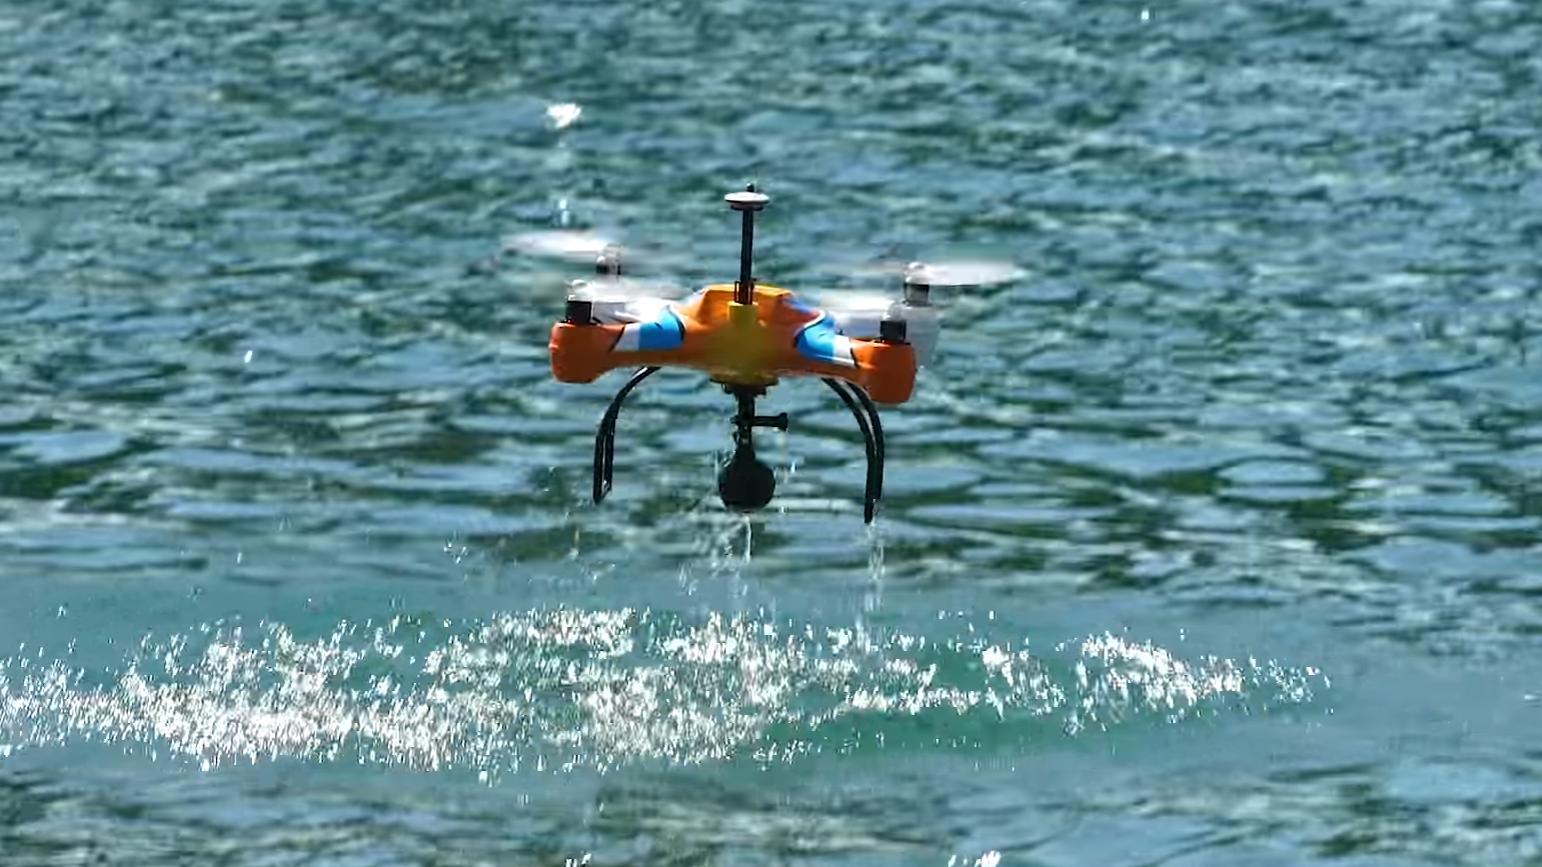 Her er en drone som kan hjelpe deg å fiske